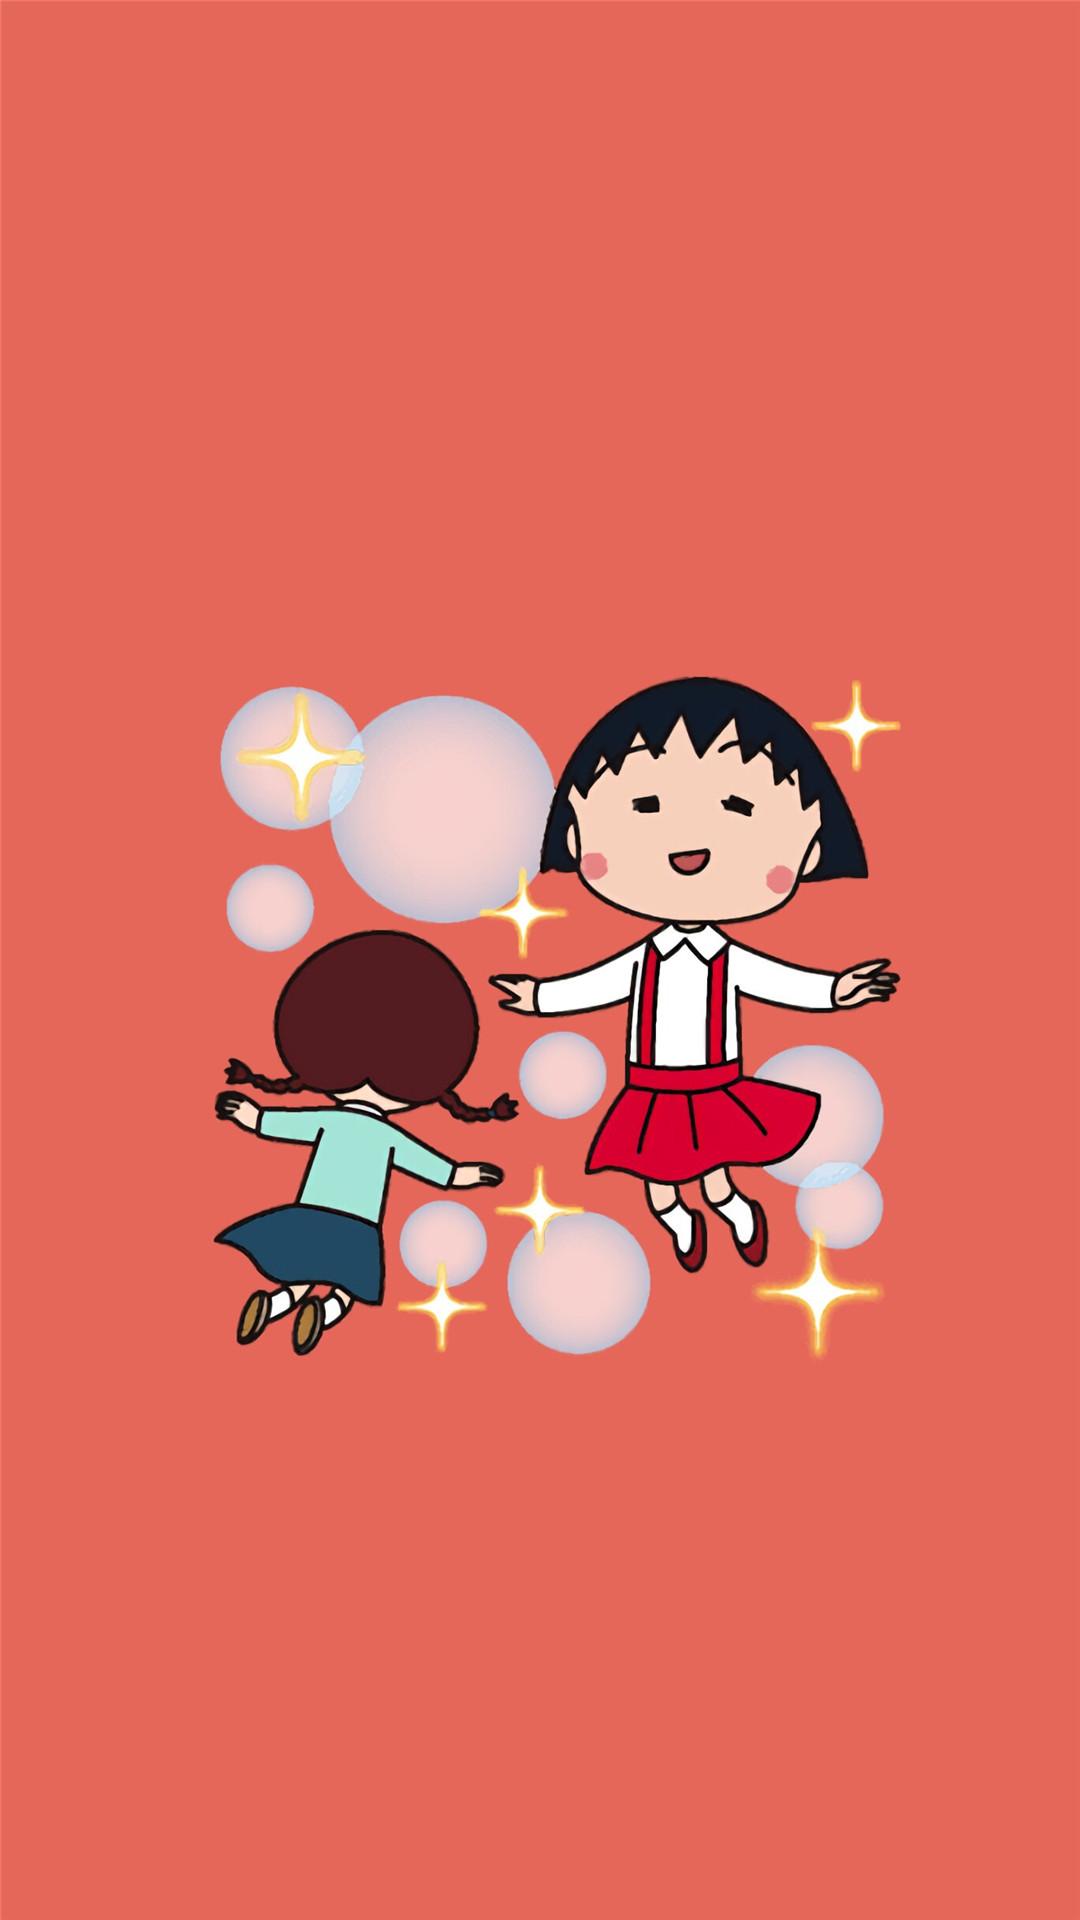 日本动漫樱桃小丸子精美三星手机壁纸大全